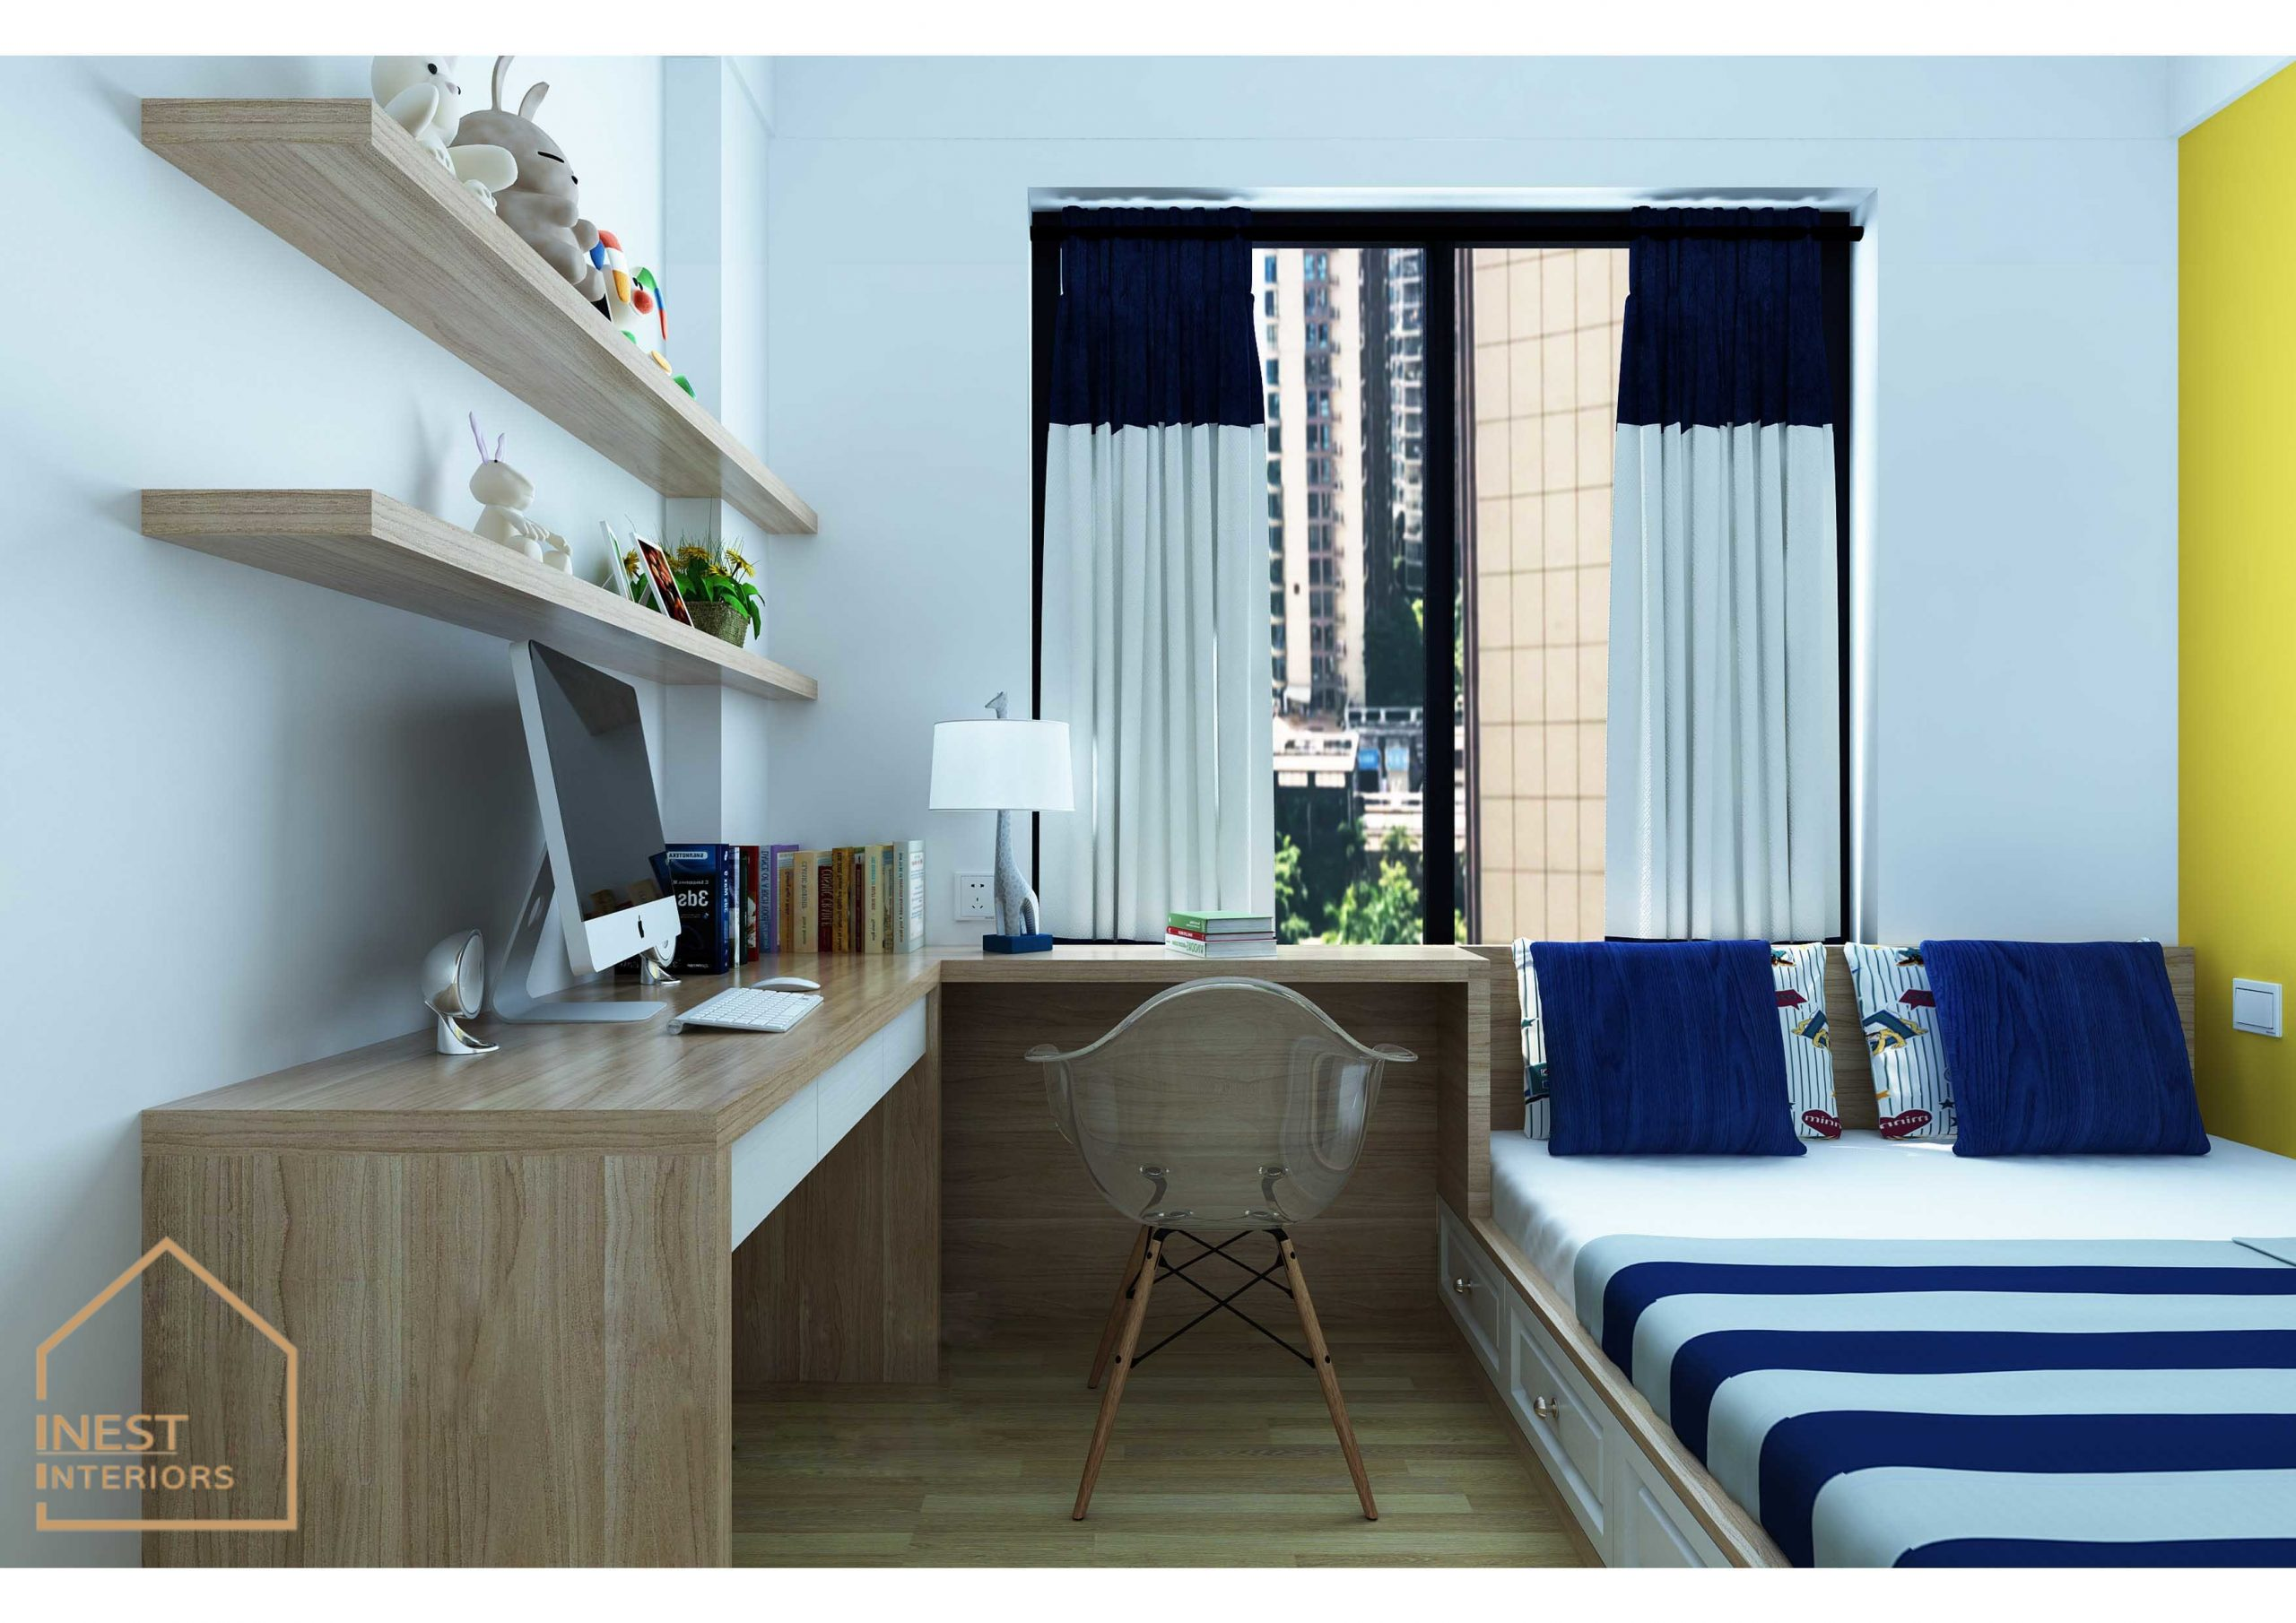 Thiết kế 3 phòng ngủ nội thất chung cư